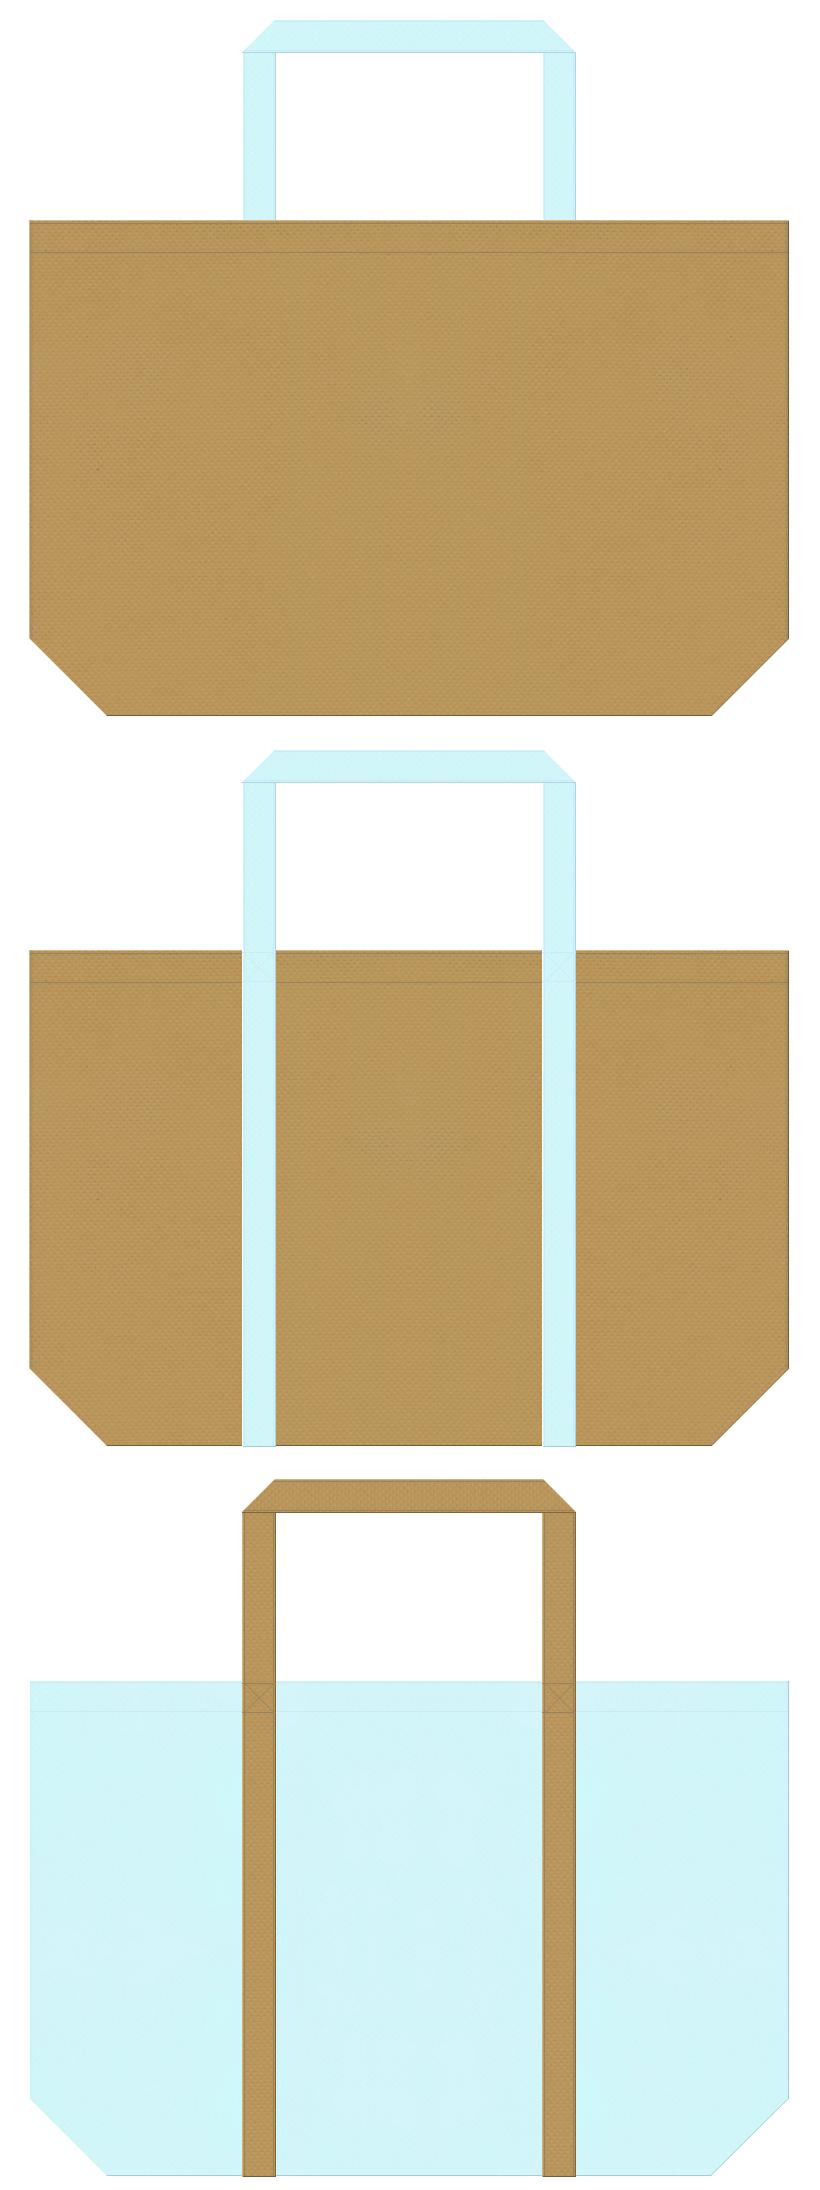 マスタード色と水色の不織布ショッピングバッグデザイン。